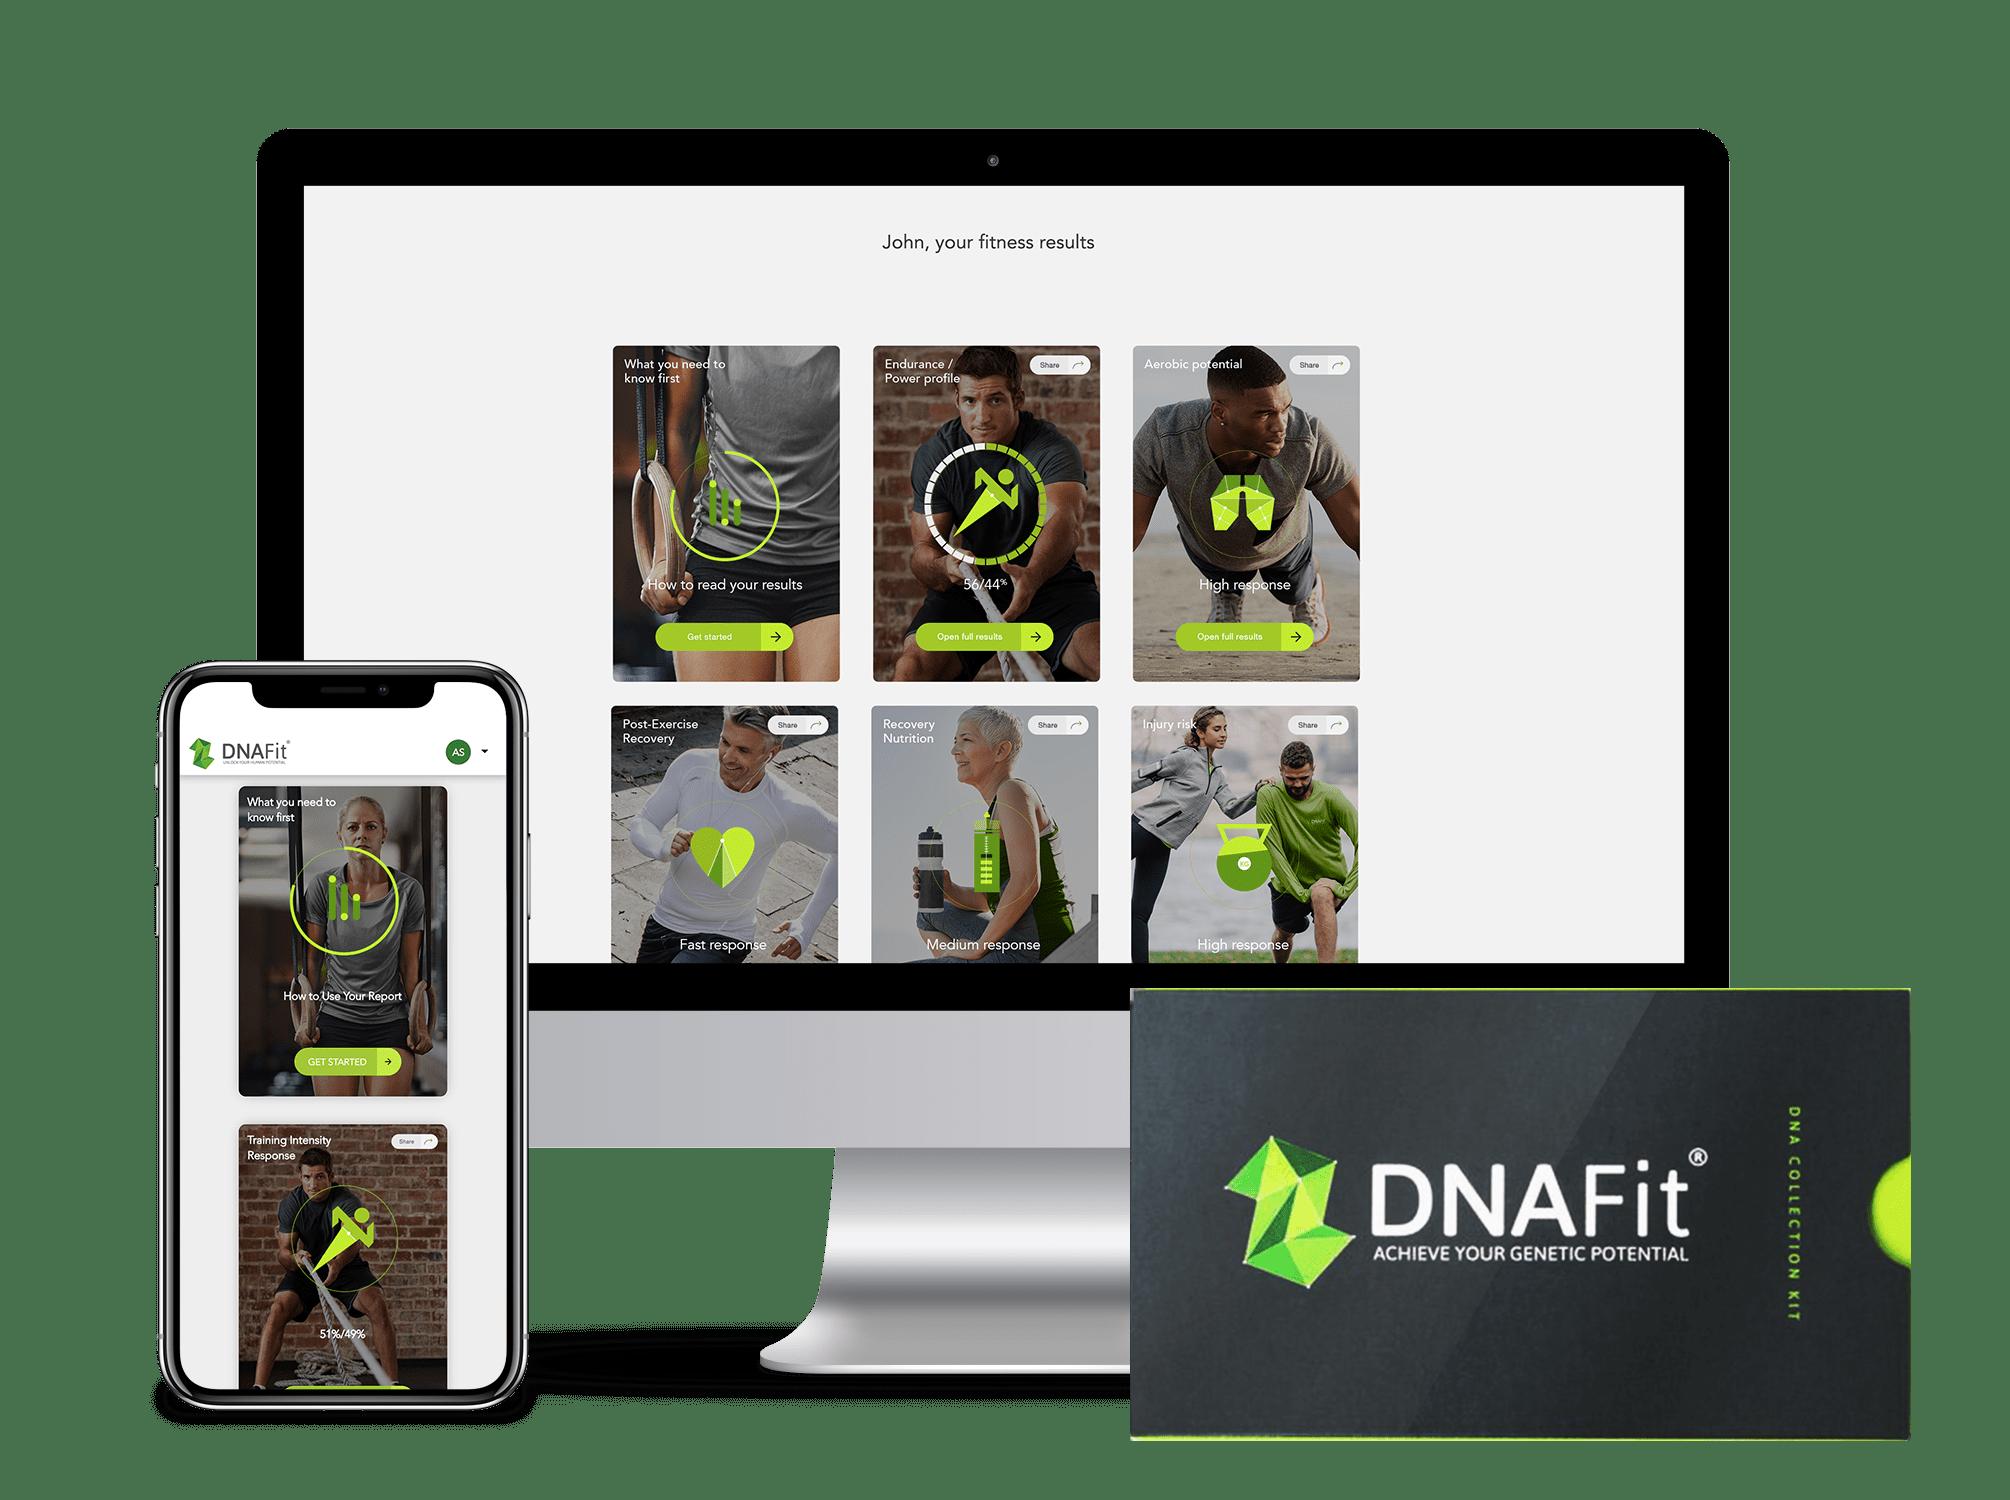 DNAFit_2010x1500_2-min